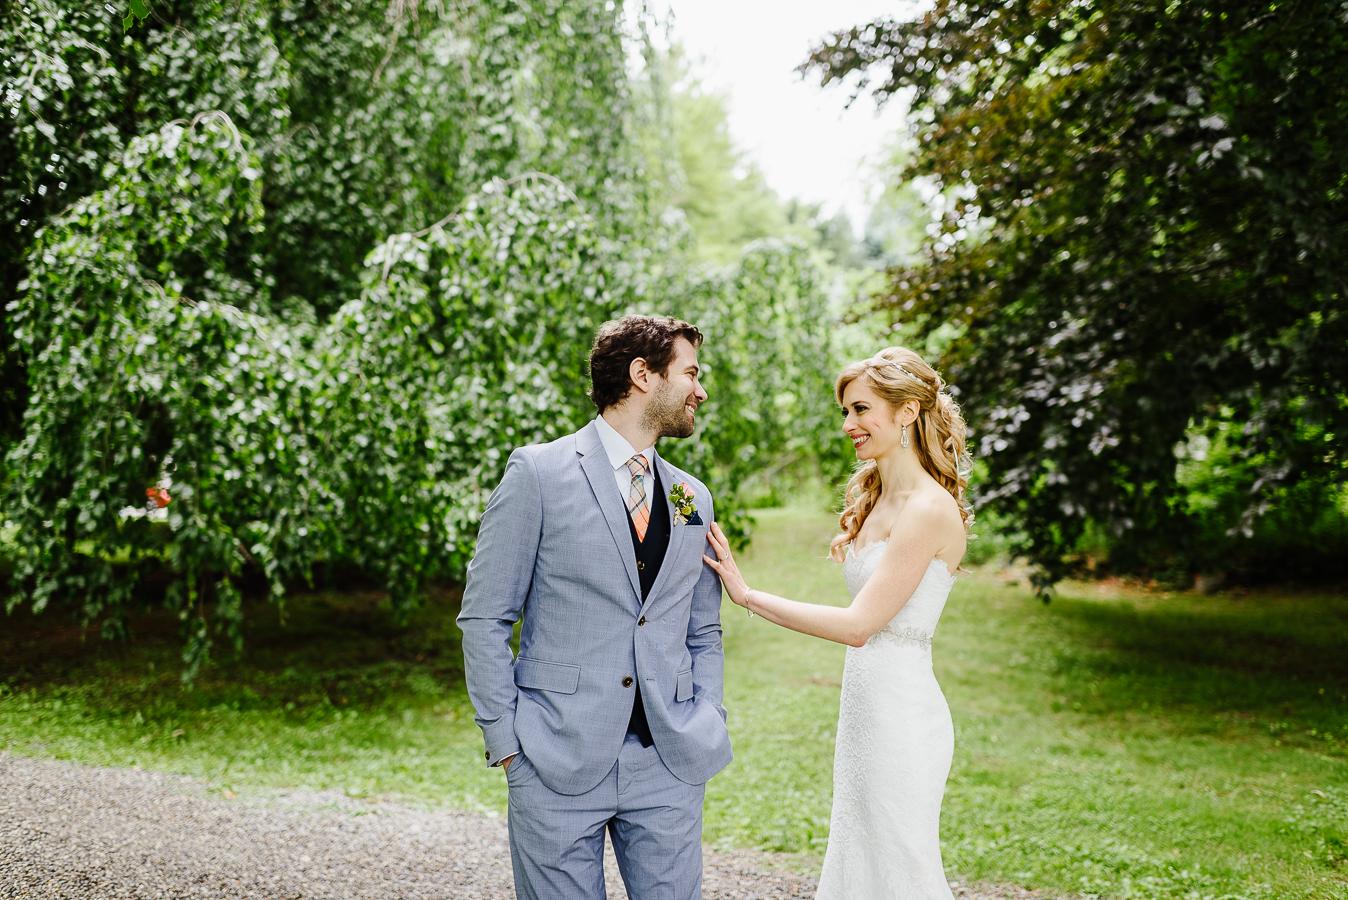 Stylish Crossed Keys Inn Wedding Crossed Keys Wedding Crossed Keys Inn Andover NJ Longbrook Photography-14.jpg